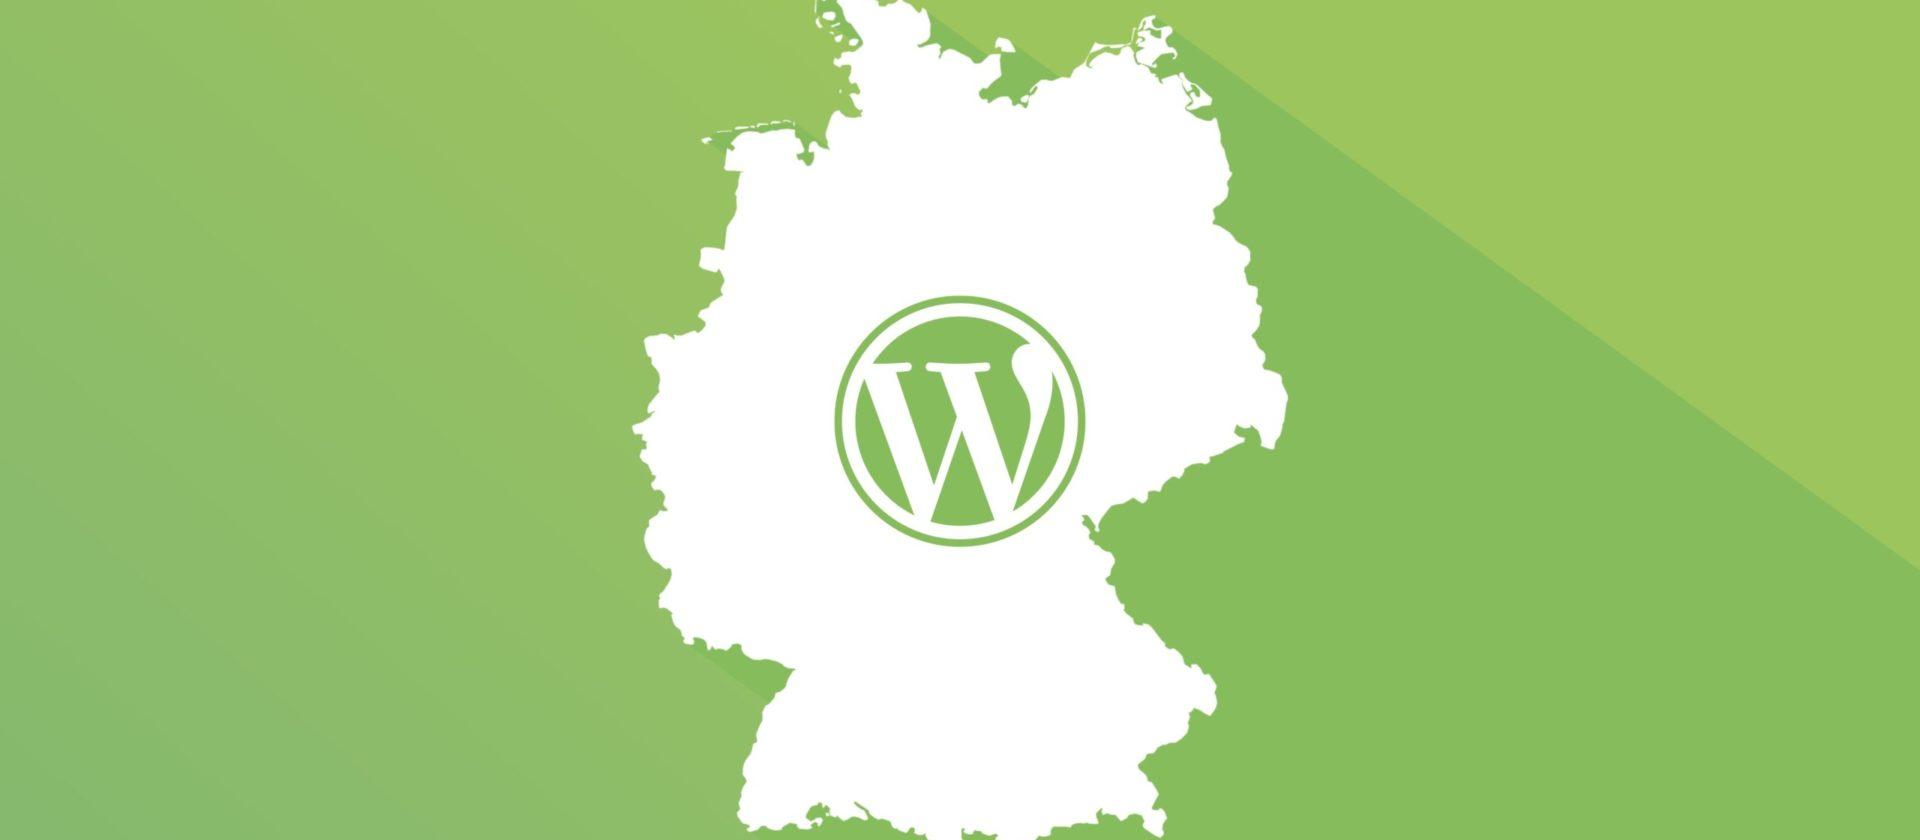 WordPress Profis Deutschland